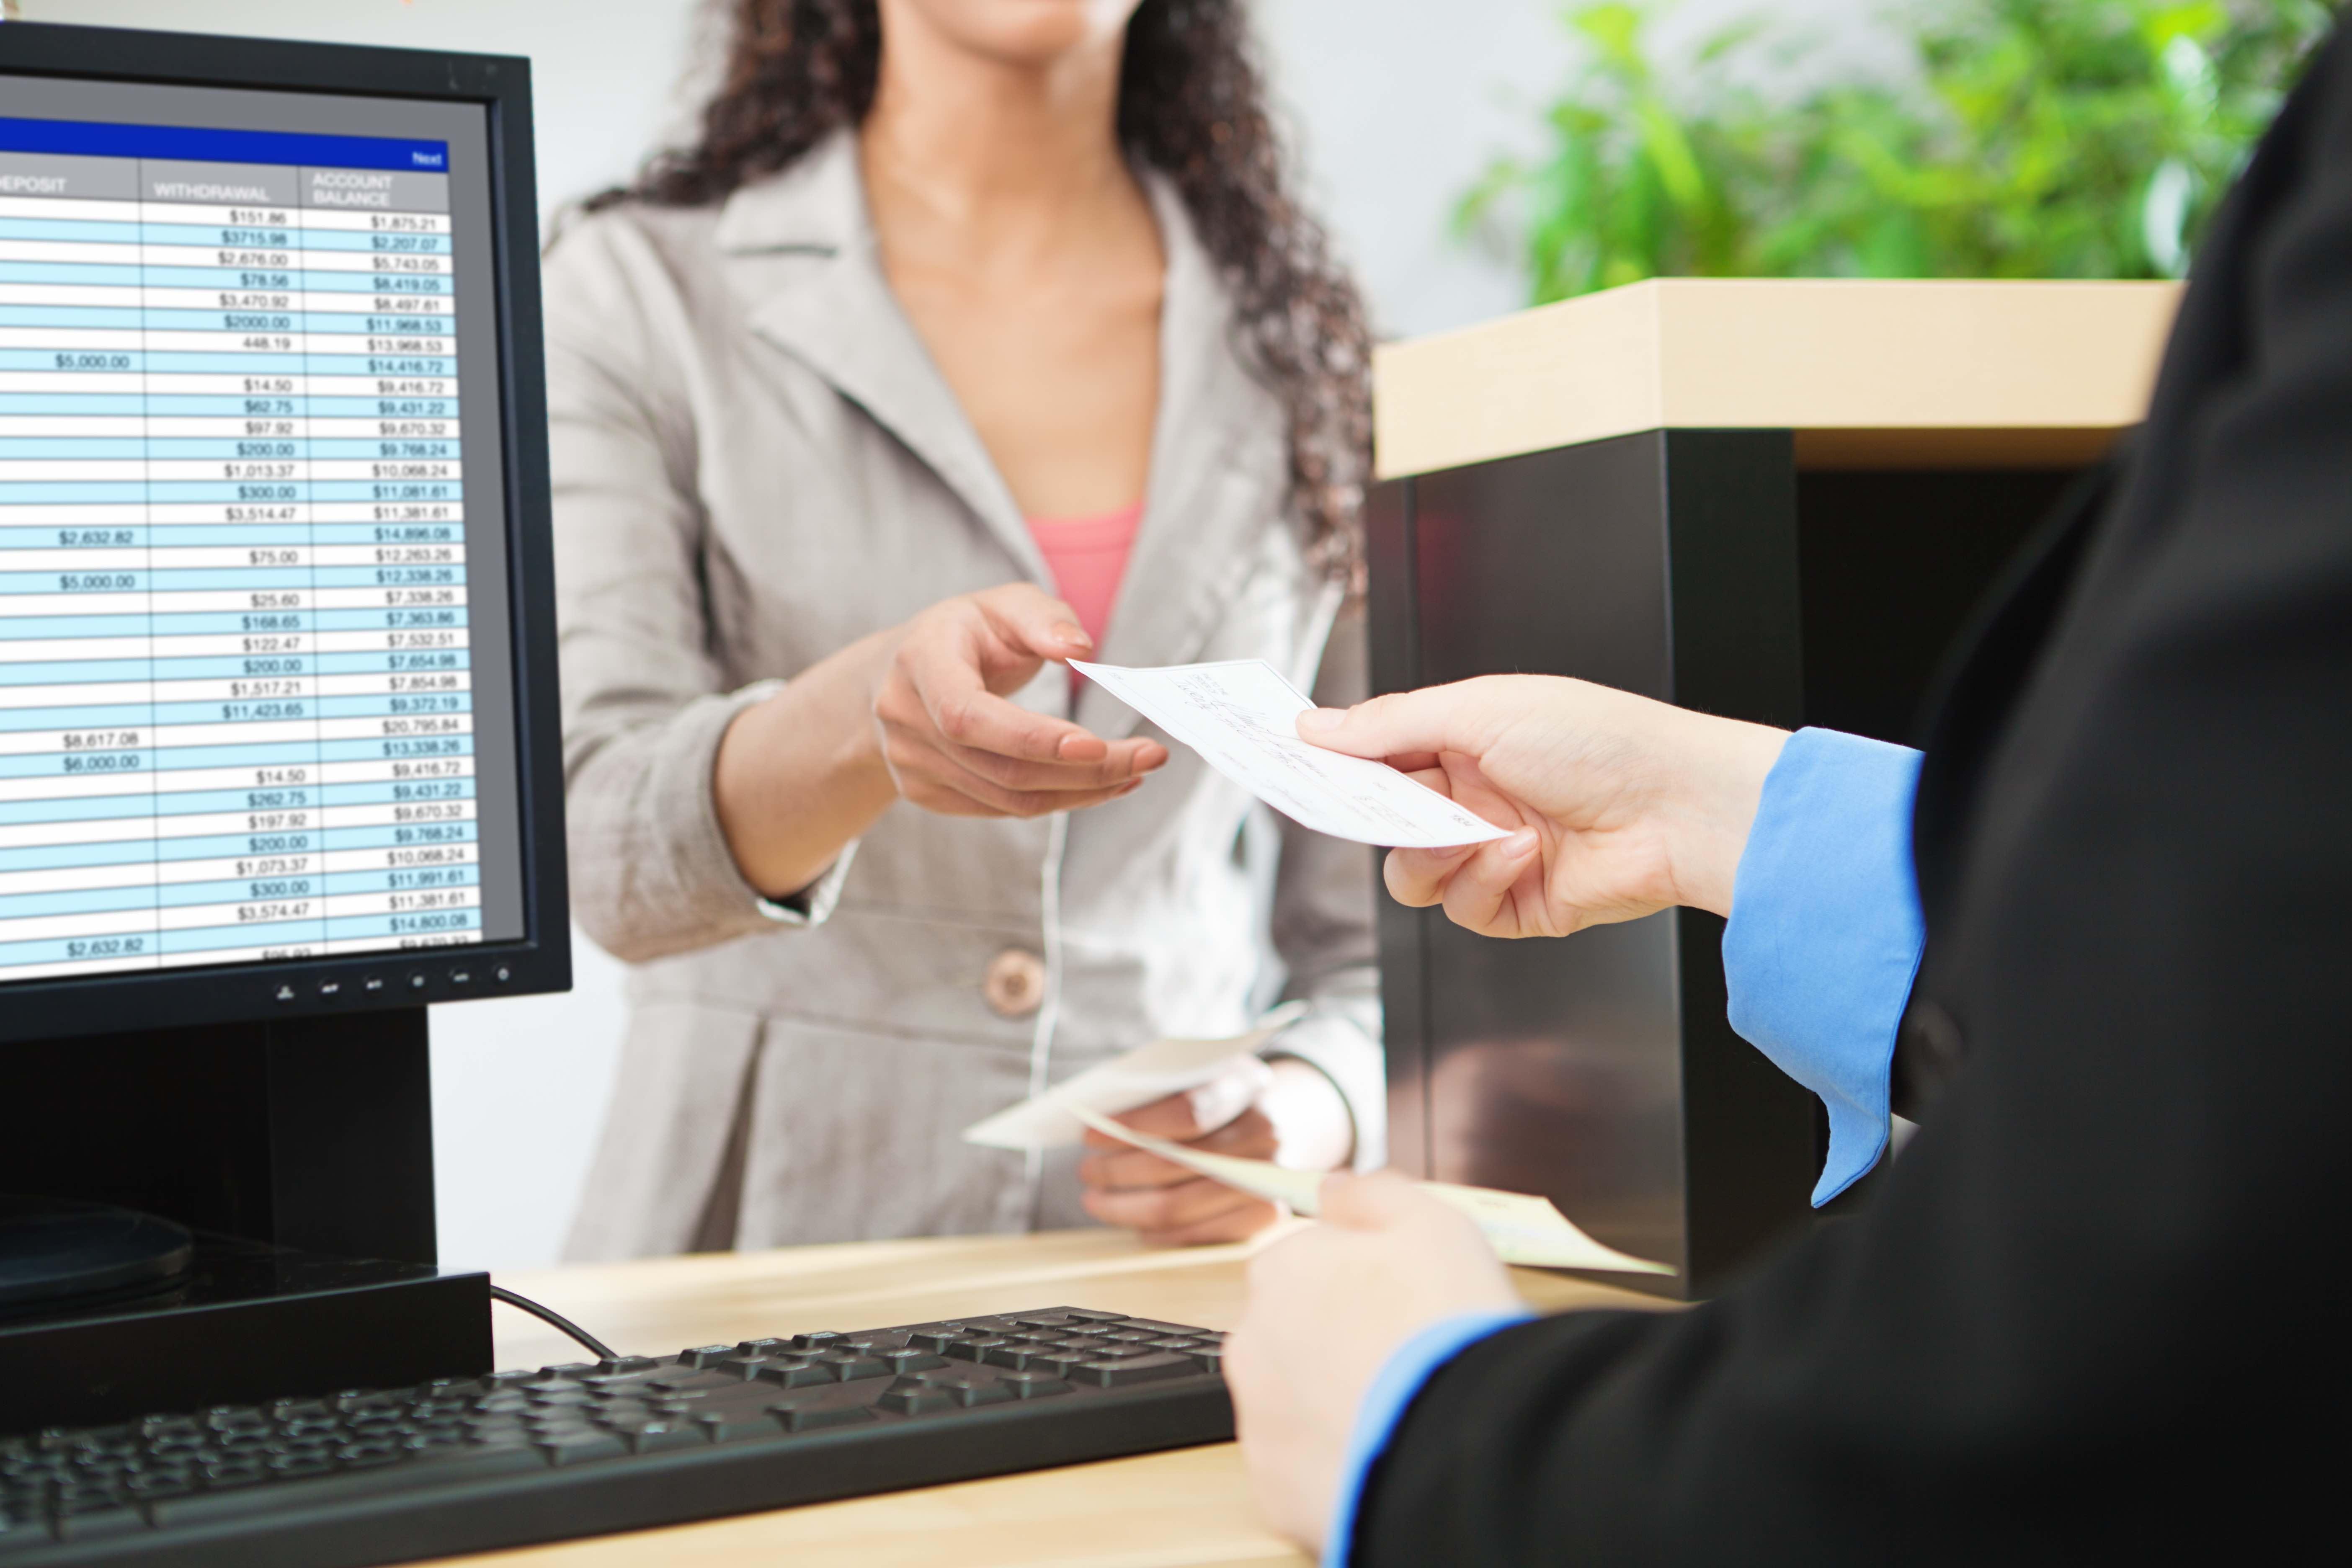 A teller handing a customer a check.